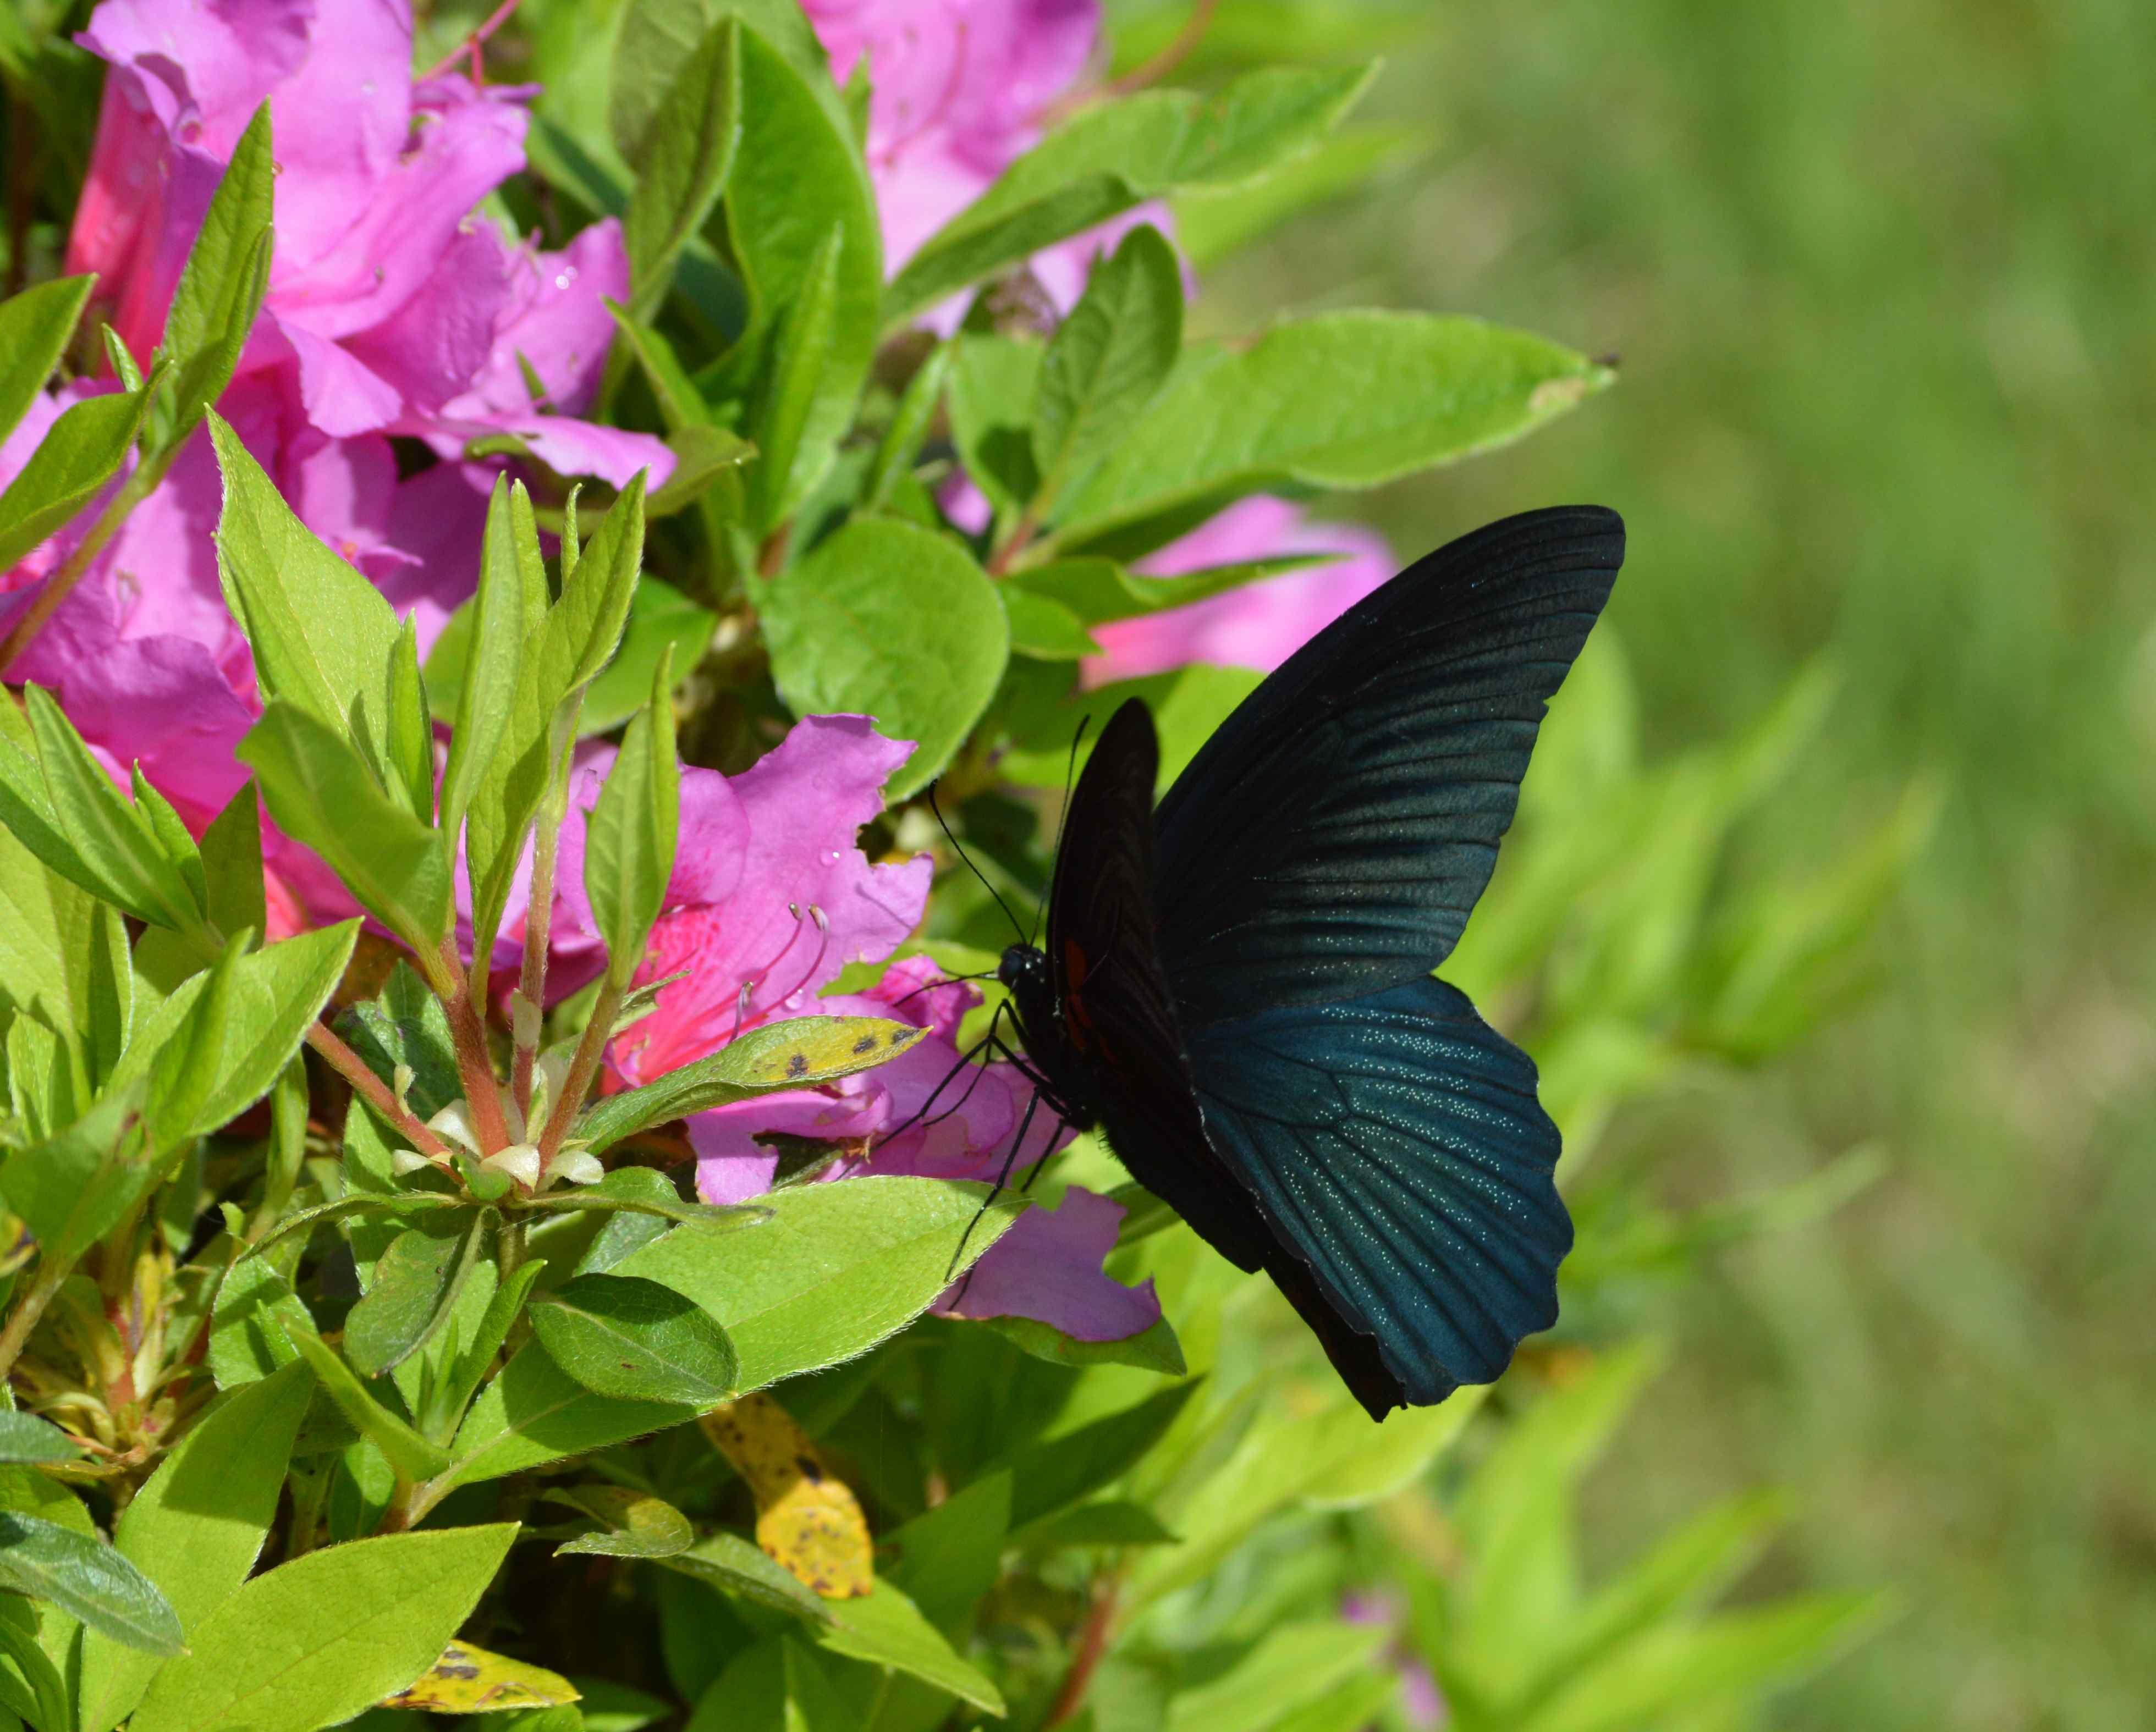 ナガサキアゲハ 5月2日ツツジの咲く公園にて_d0254540_17224876.jpg